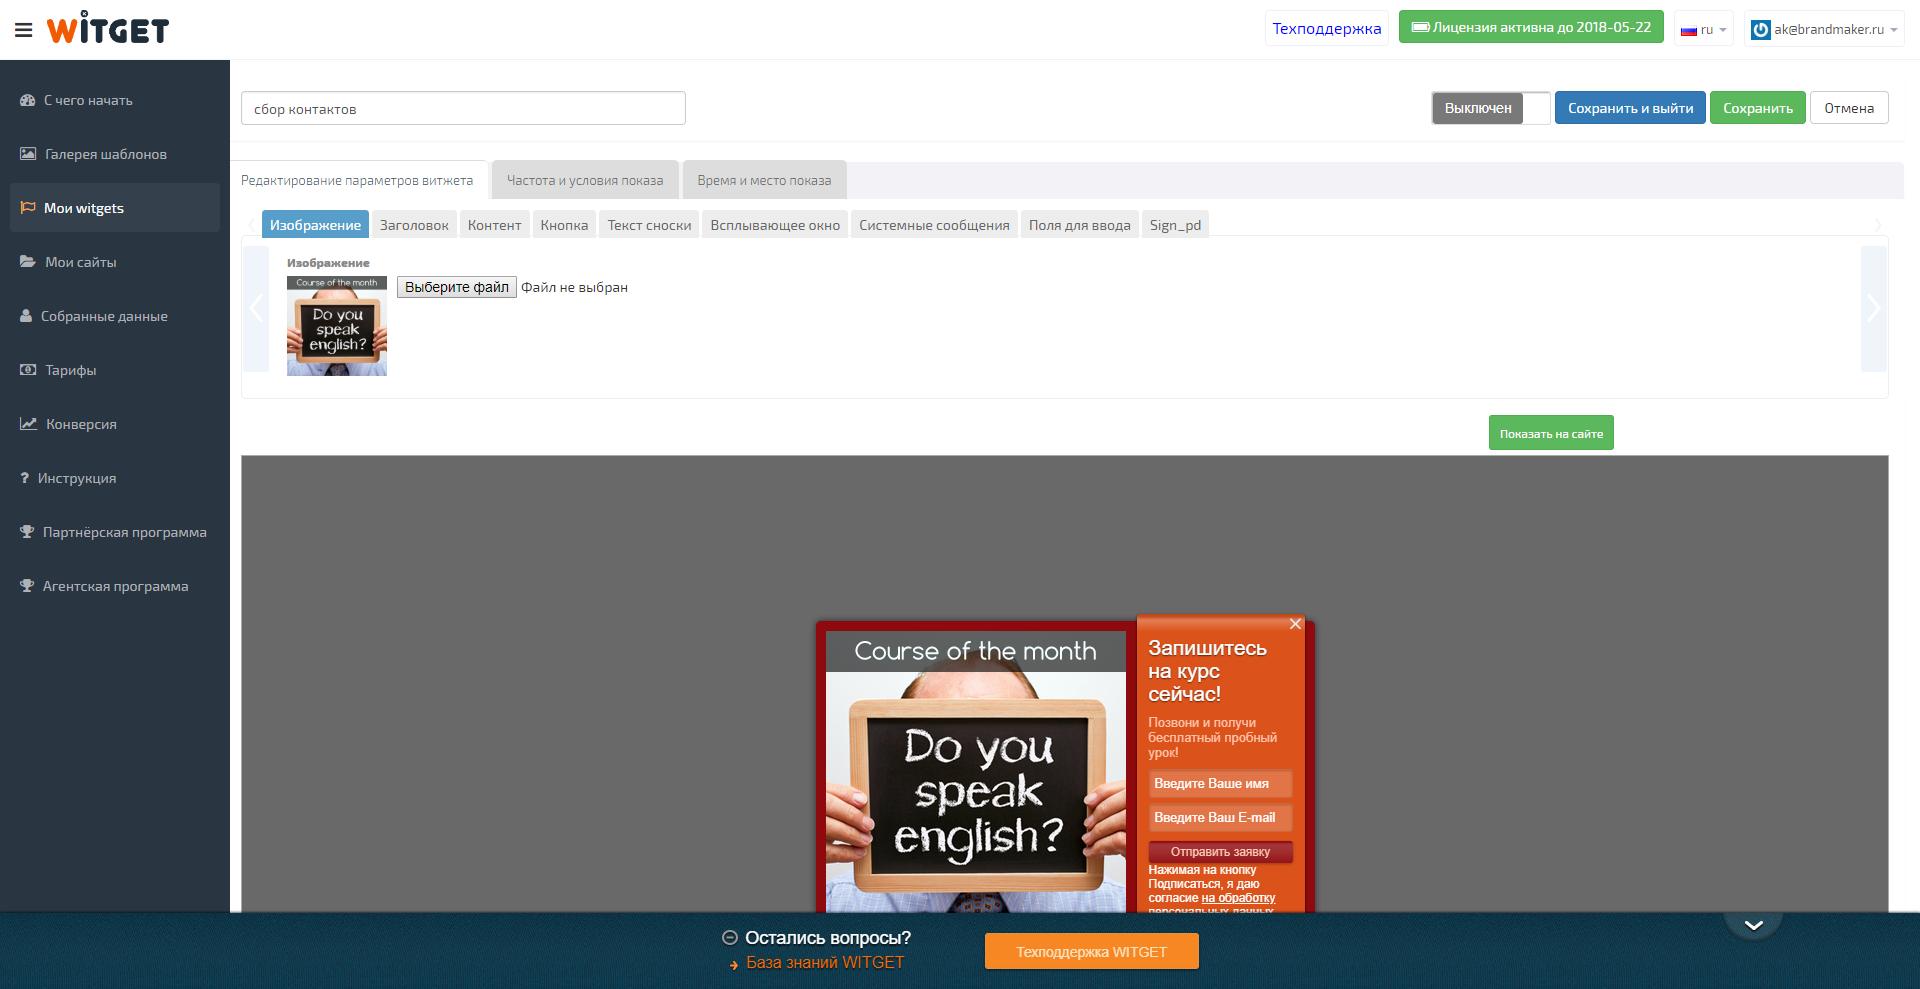 Виджеты для сайта — Widget.com, настройка и установка